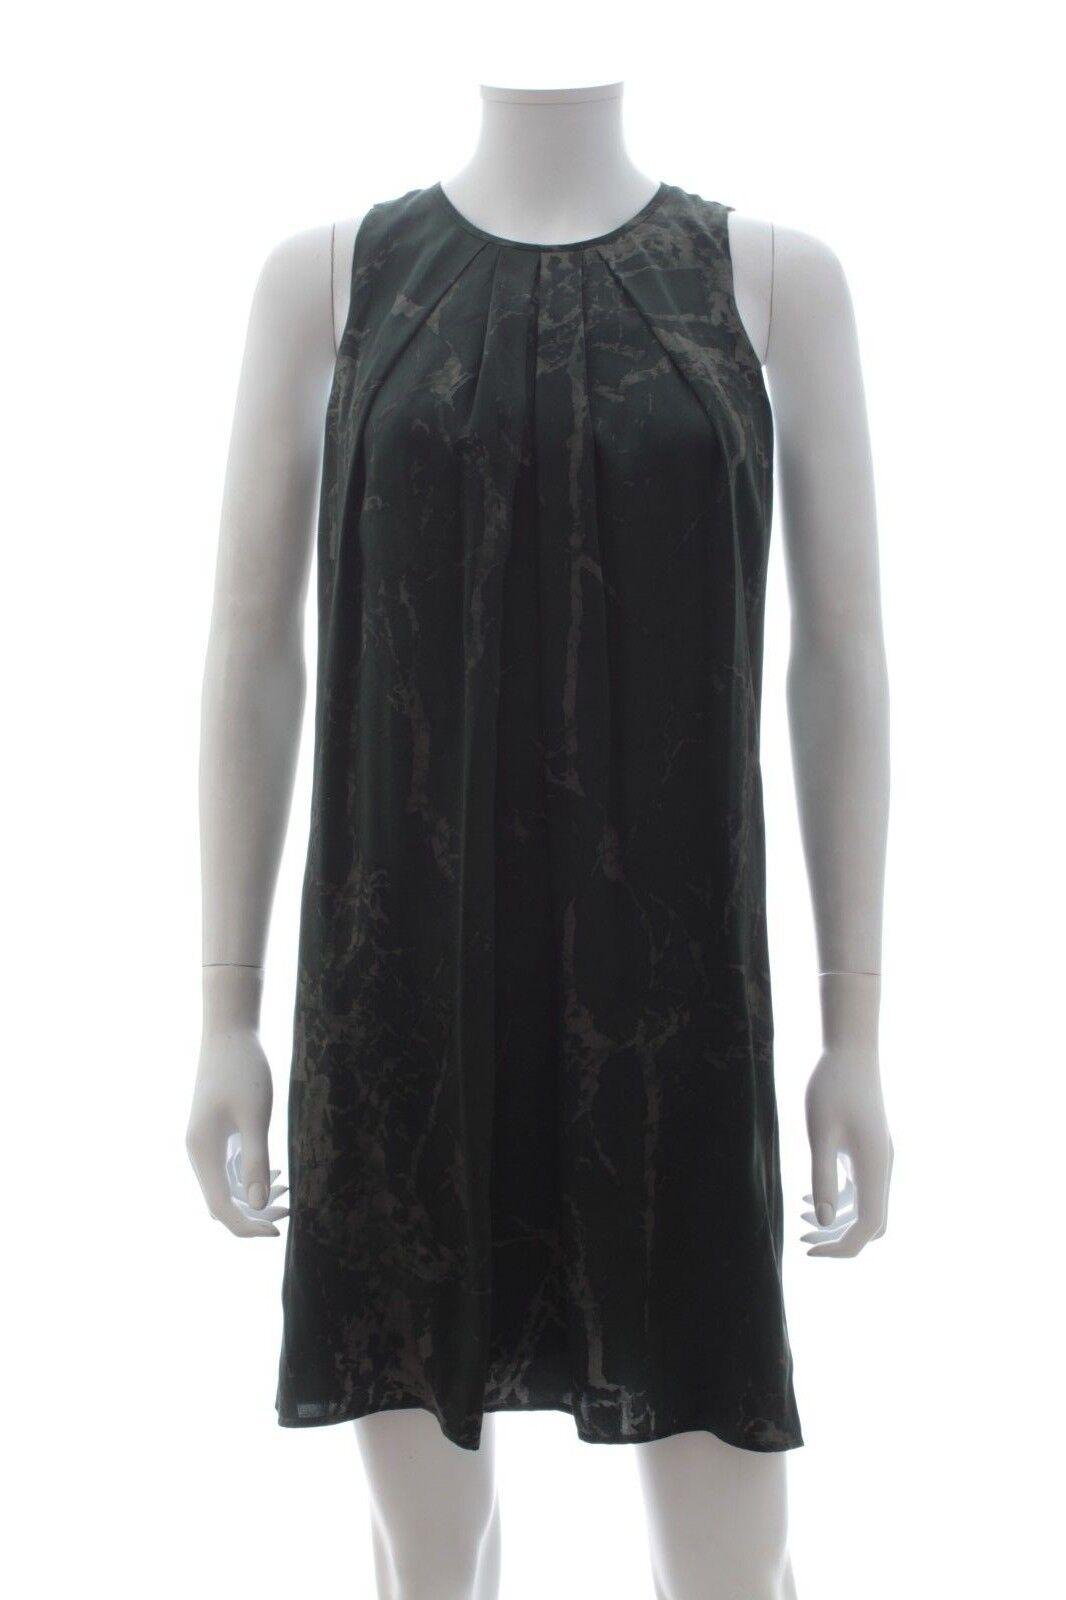 Balenciaga MARBLE-stampa Seta Vestito Vestito Vestito Kaki, Antracite prezzo consigliato  .00 00a0c6